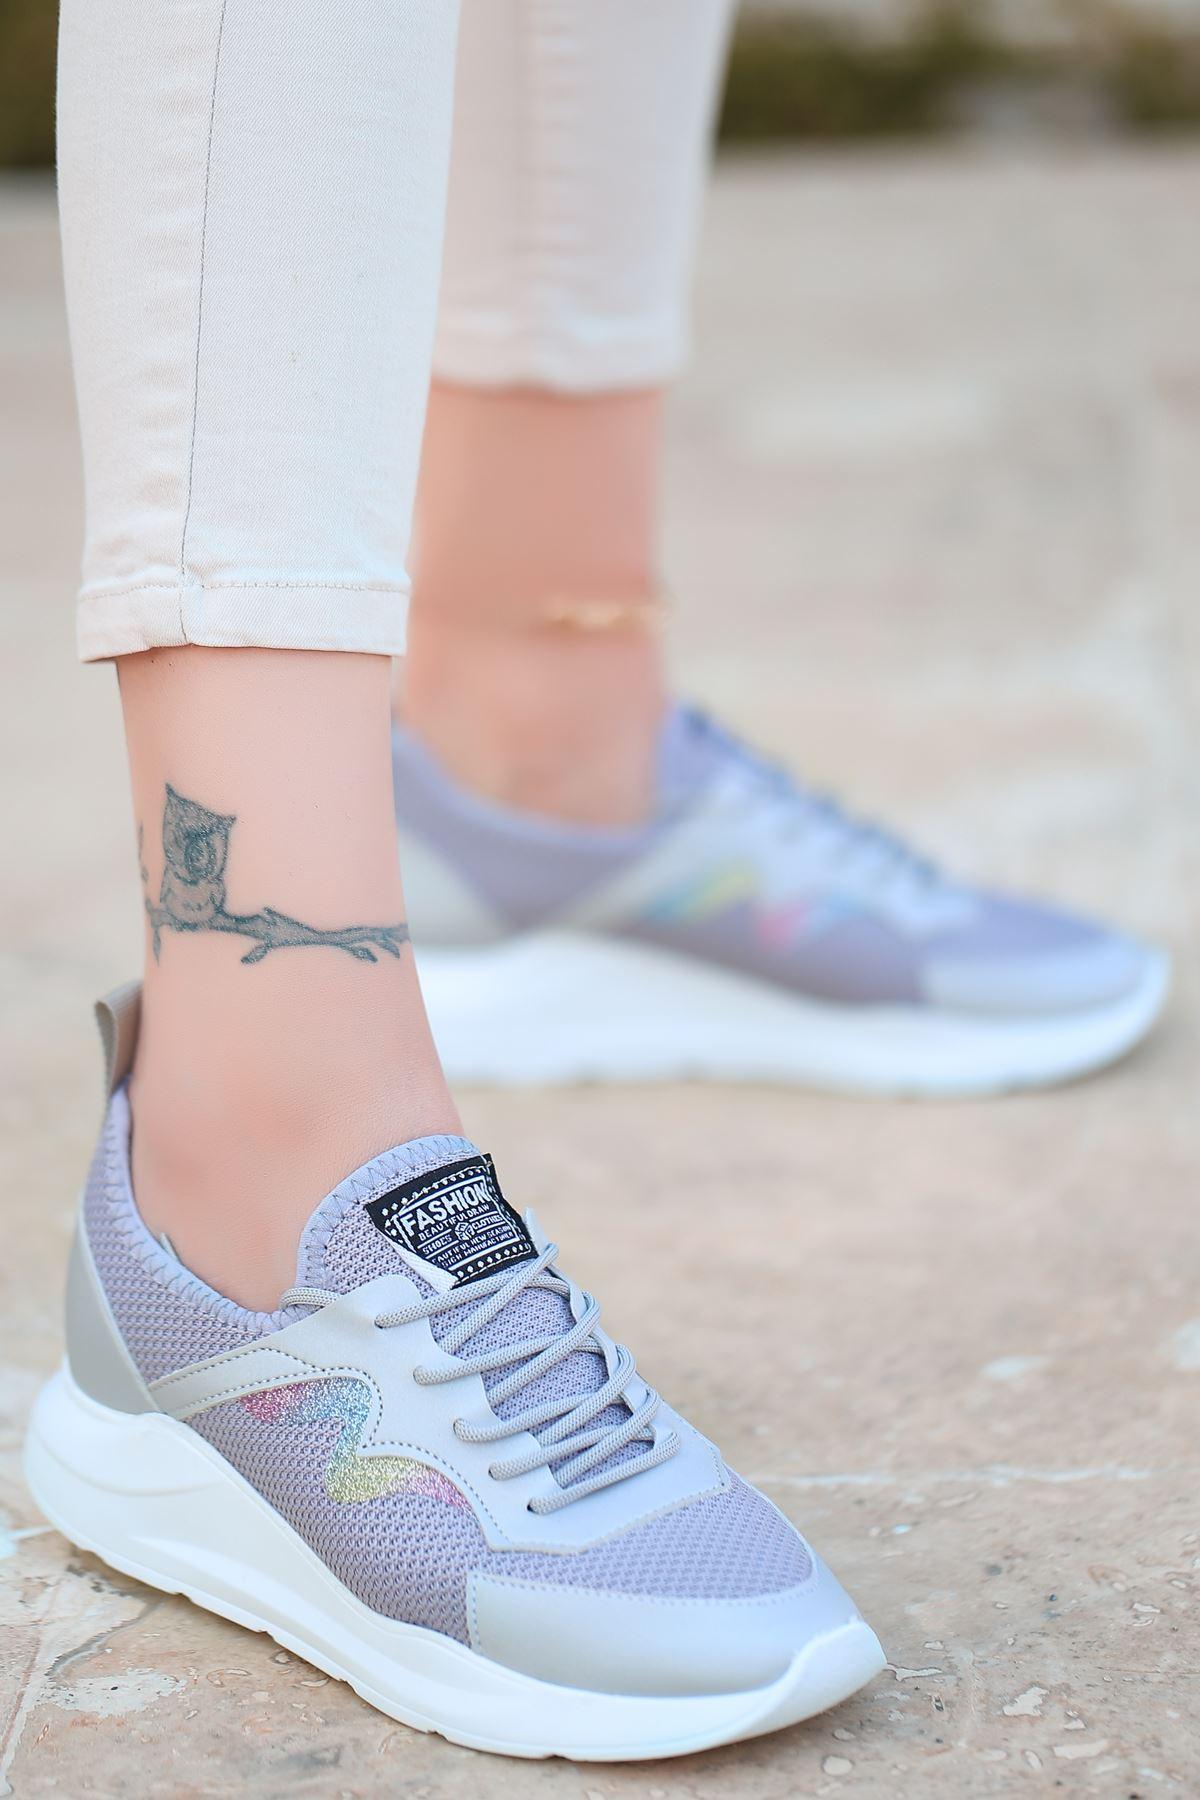 Holo Bağcık Detaylı Triko Gri Simli Kadın Spor Ayakkabı